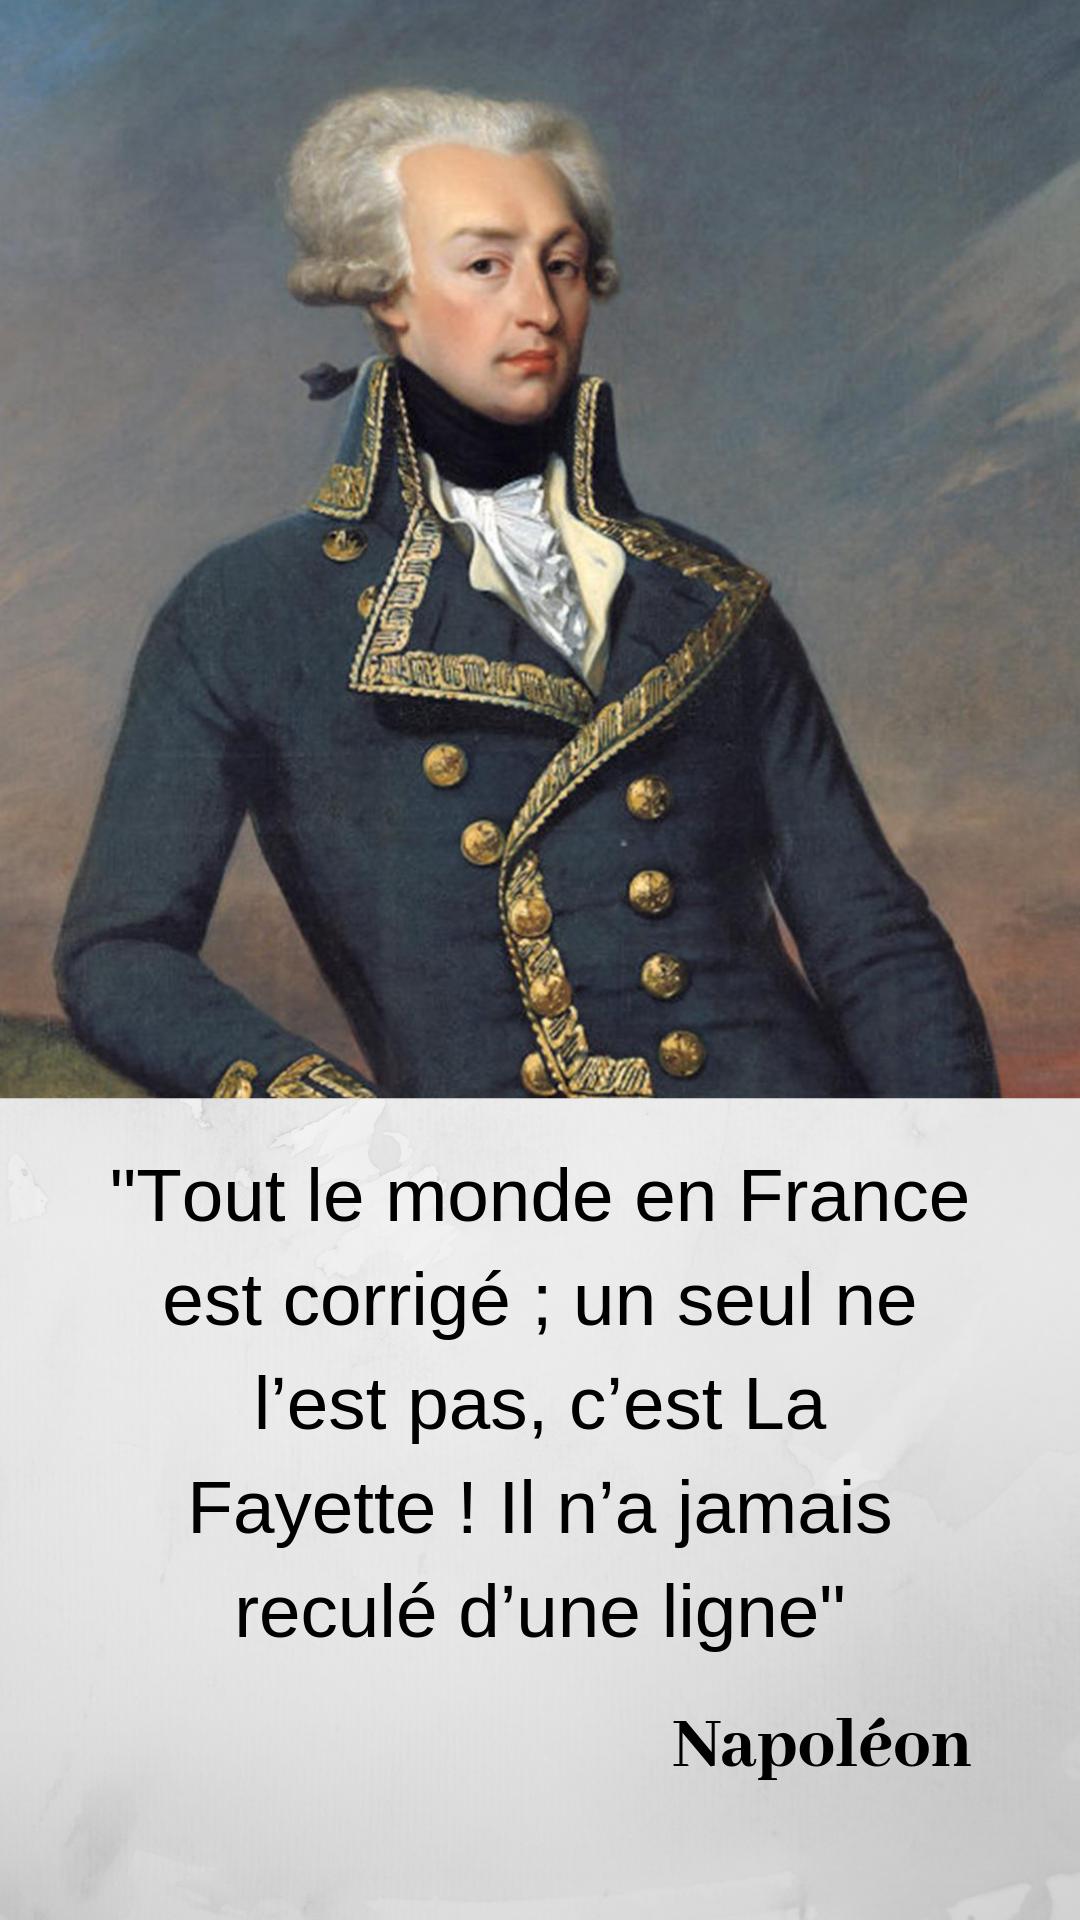 Savez Vous Ce Que Napoleon Avait Offert A La Fayette Pour Obtenir Ses Bonnes Graces Legion D Honneur Personnages Historiques La Fayette